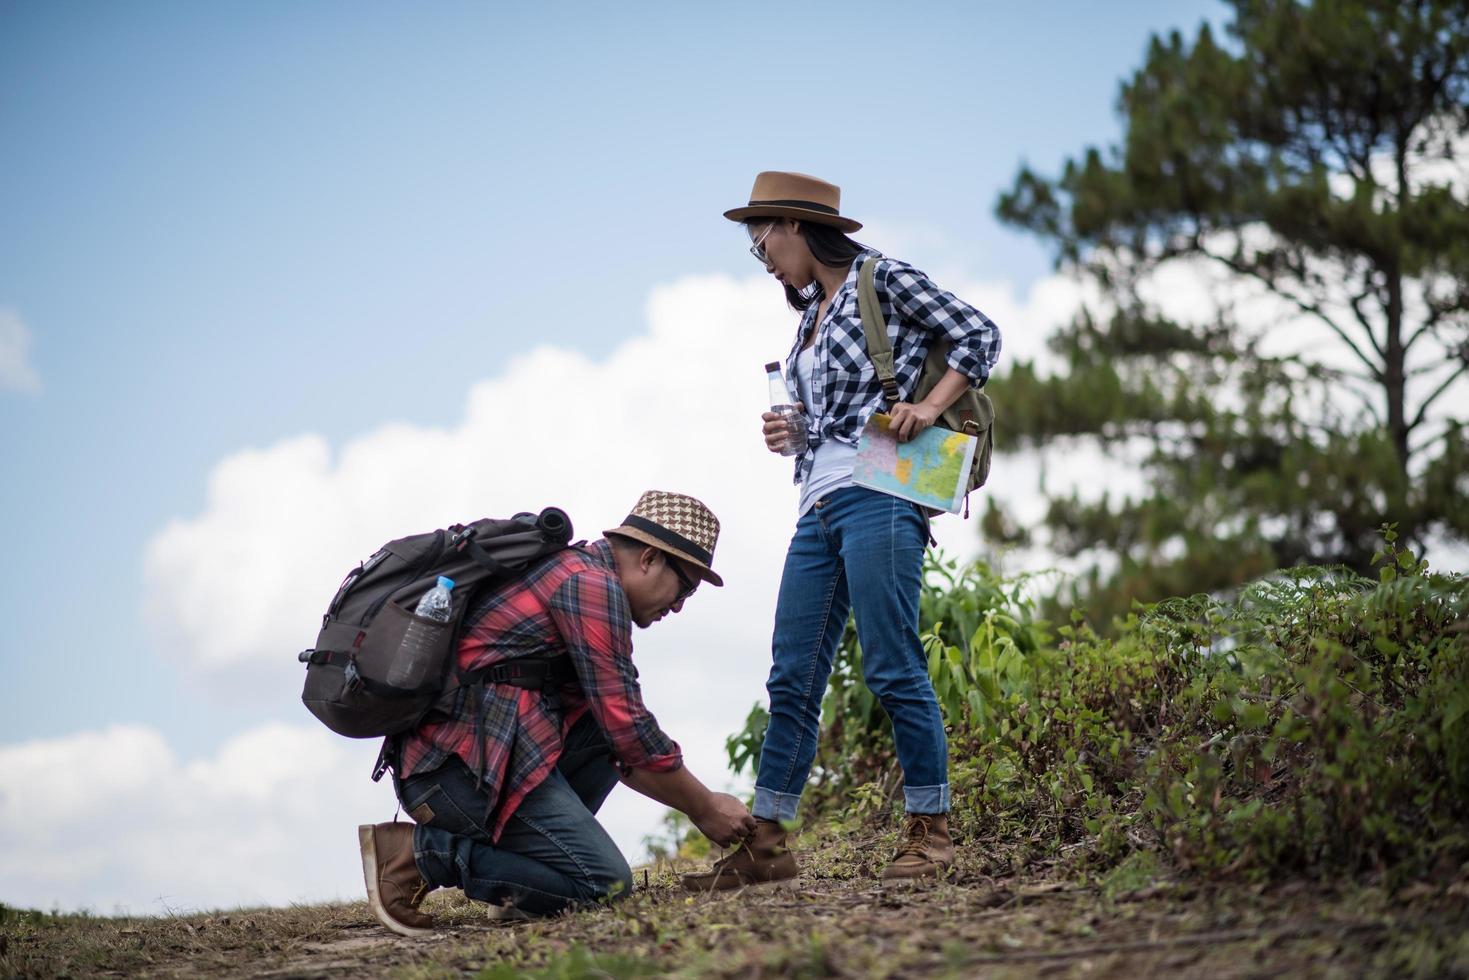 giovane che lega le scarpe per escursionista femminile foto